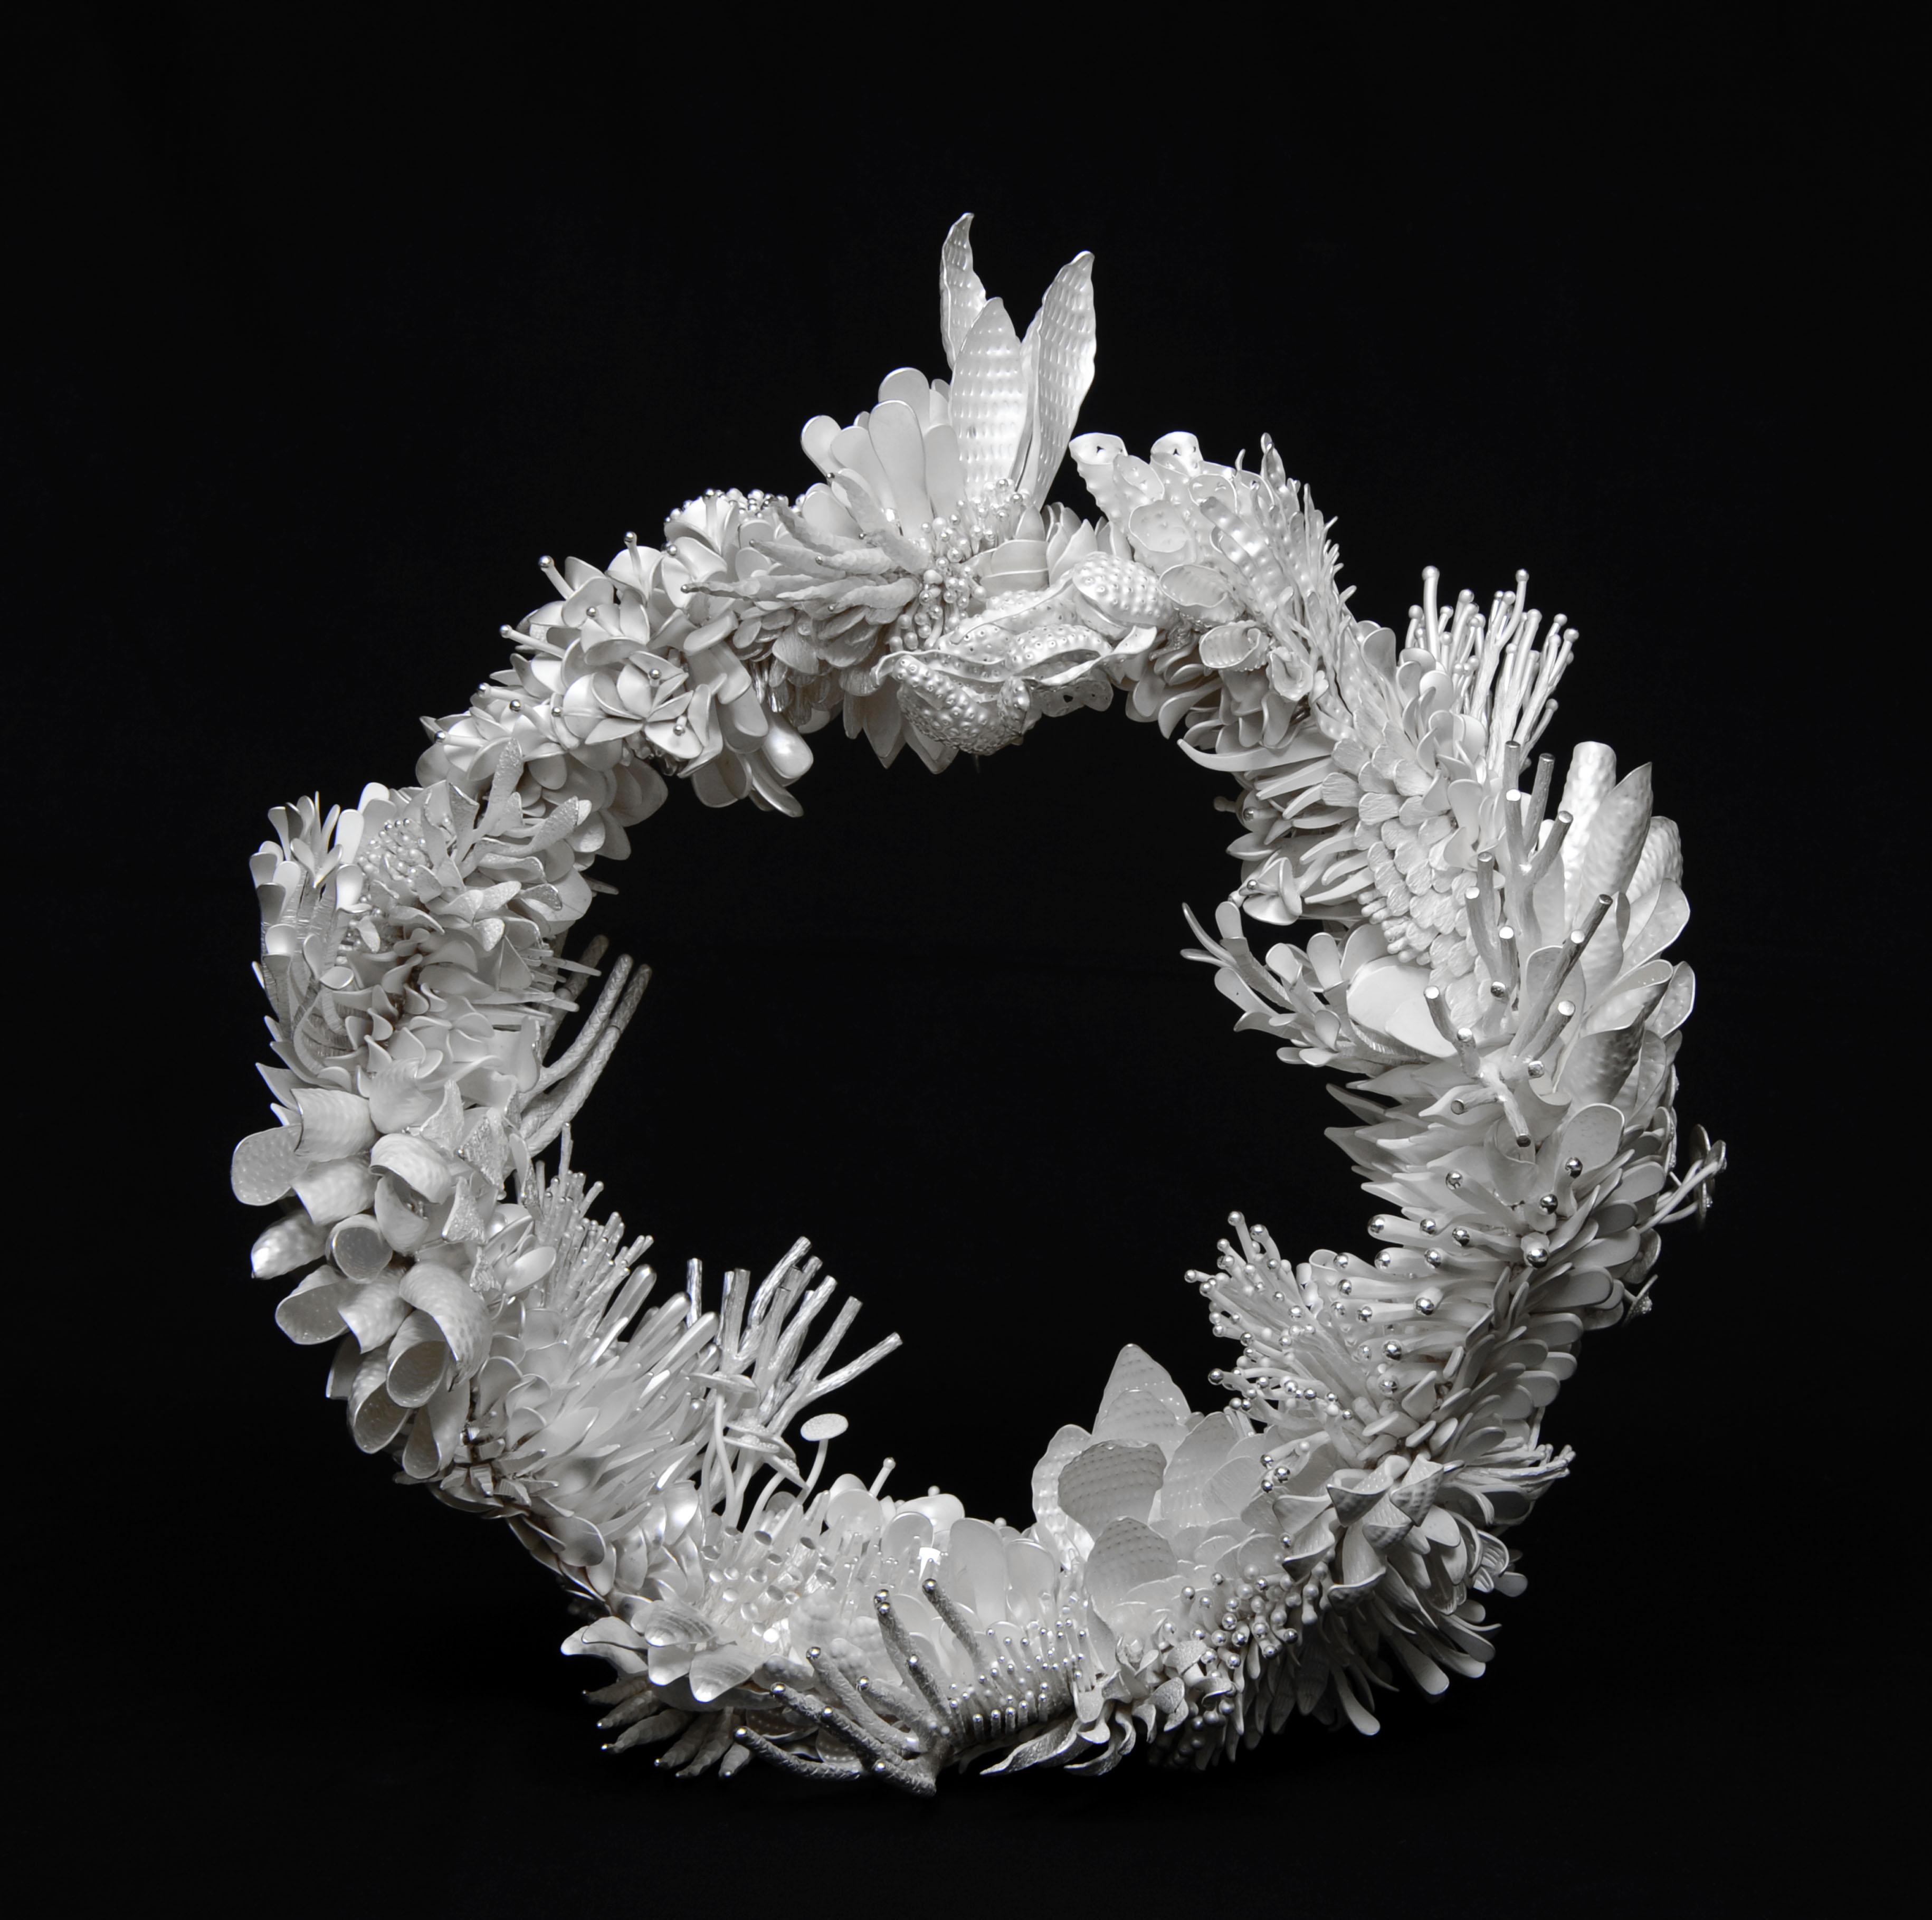 Silver wreath sculpture by Junko Mori.